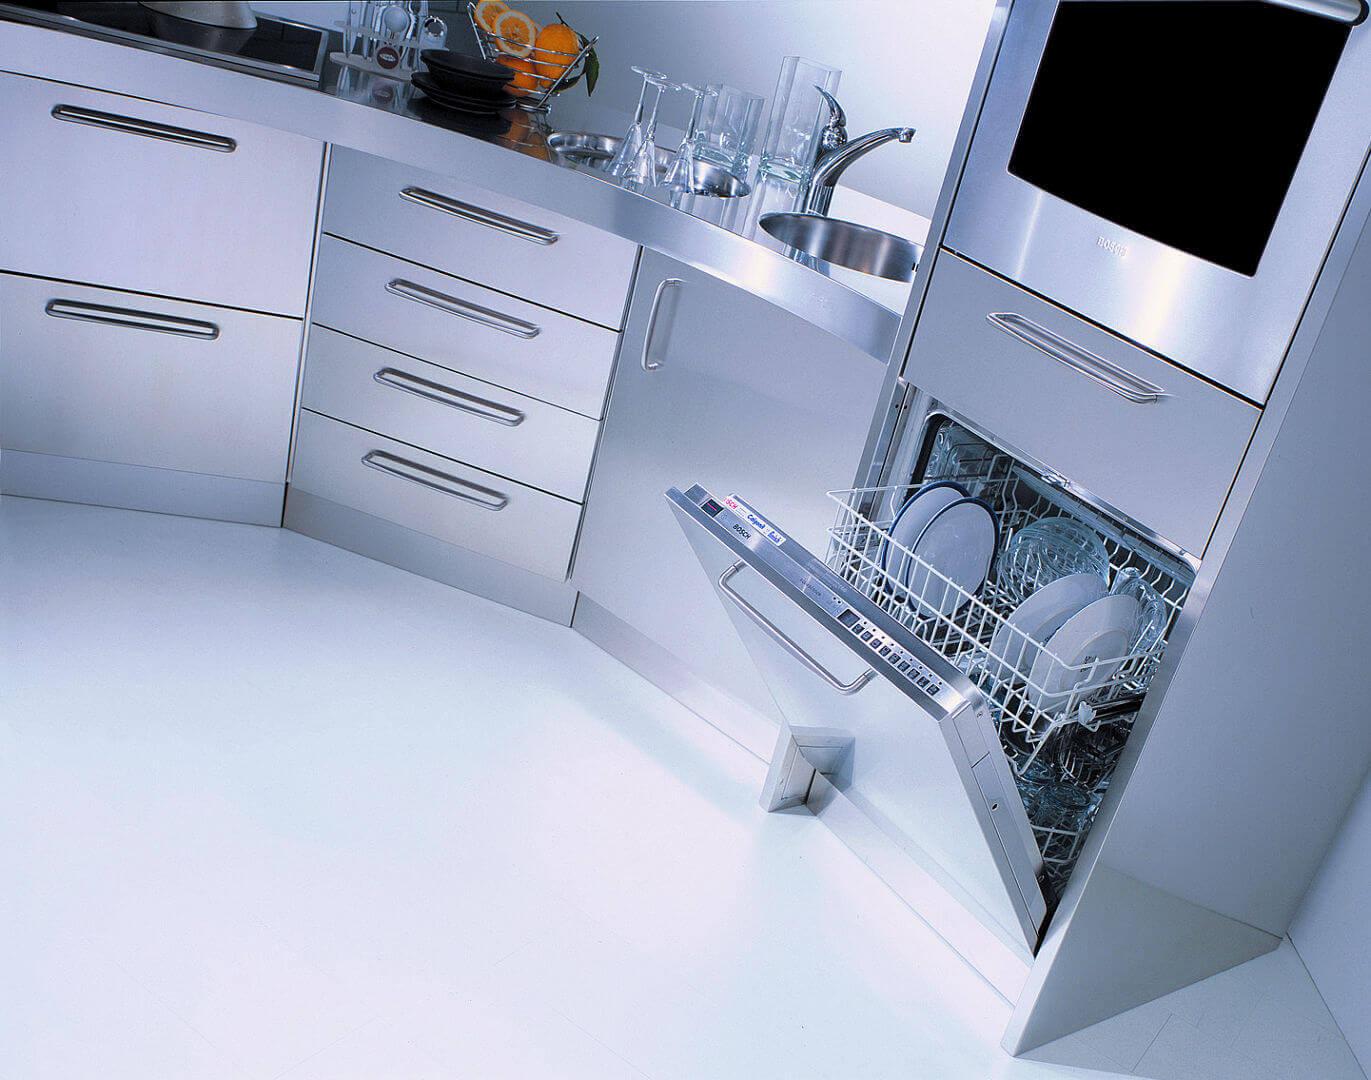 Arca Cucine Italia - Cucine Domestiche in Acciaio Inox - Venere - Lavastoviglie e Forno